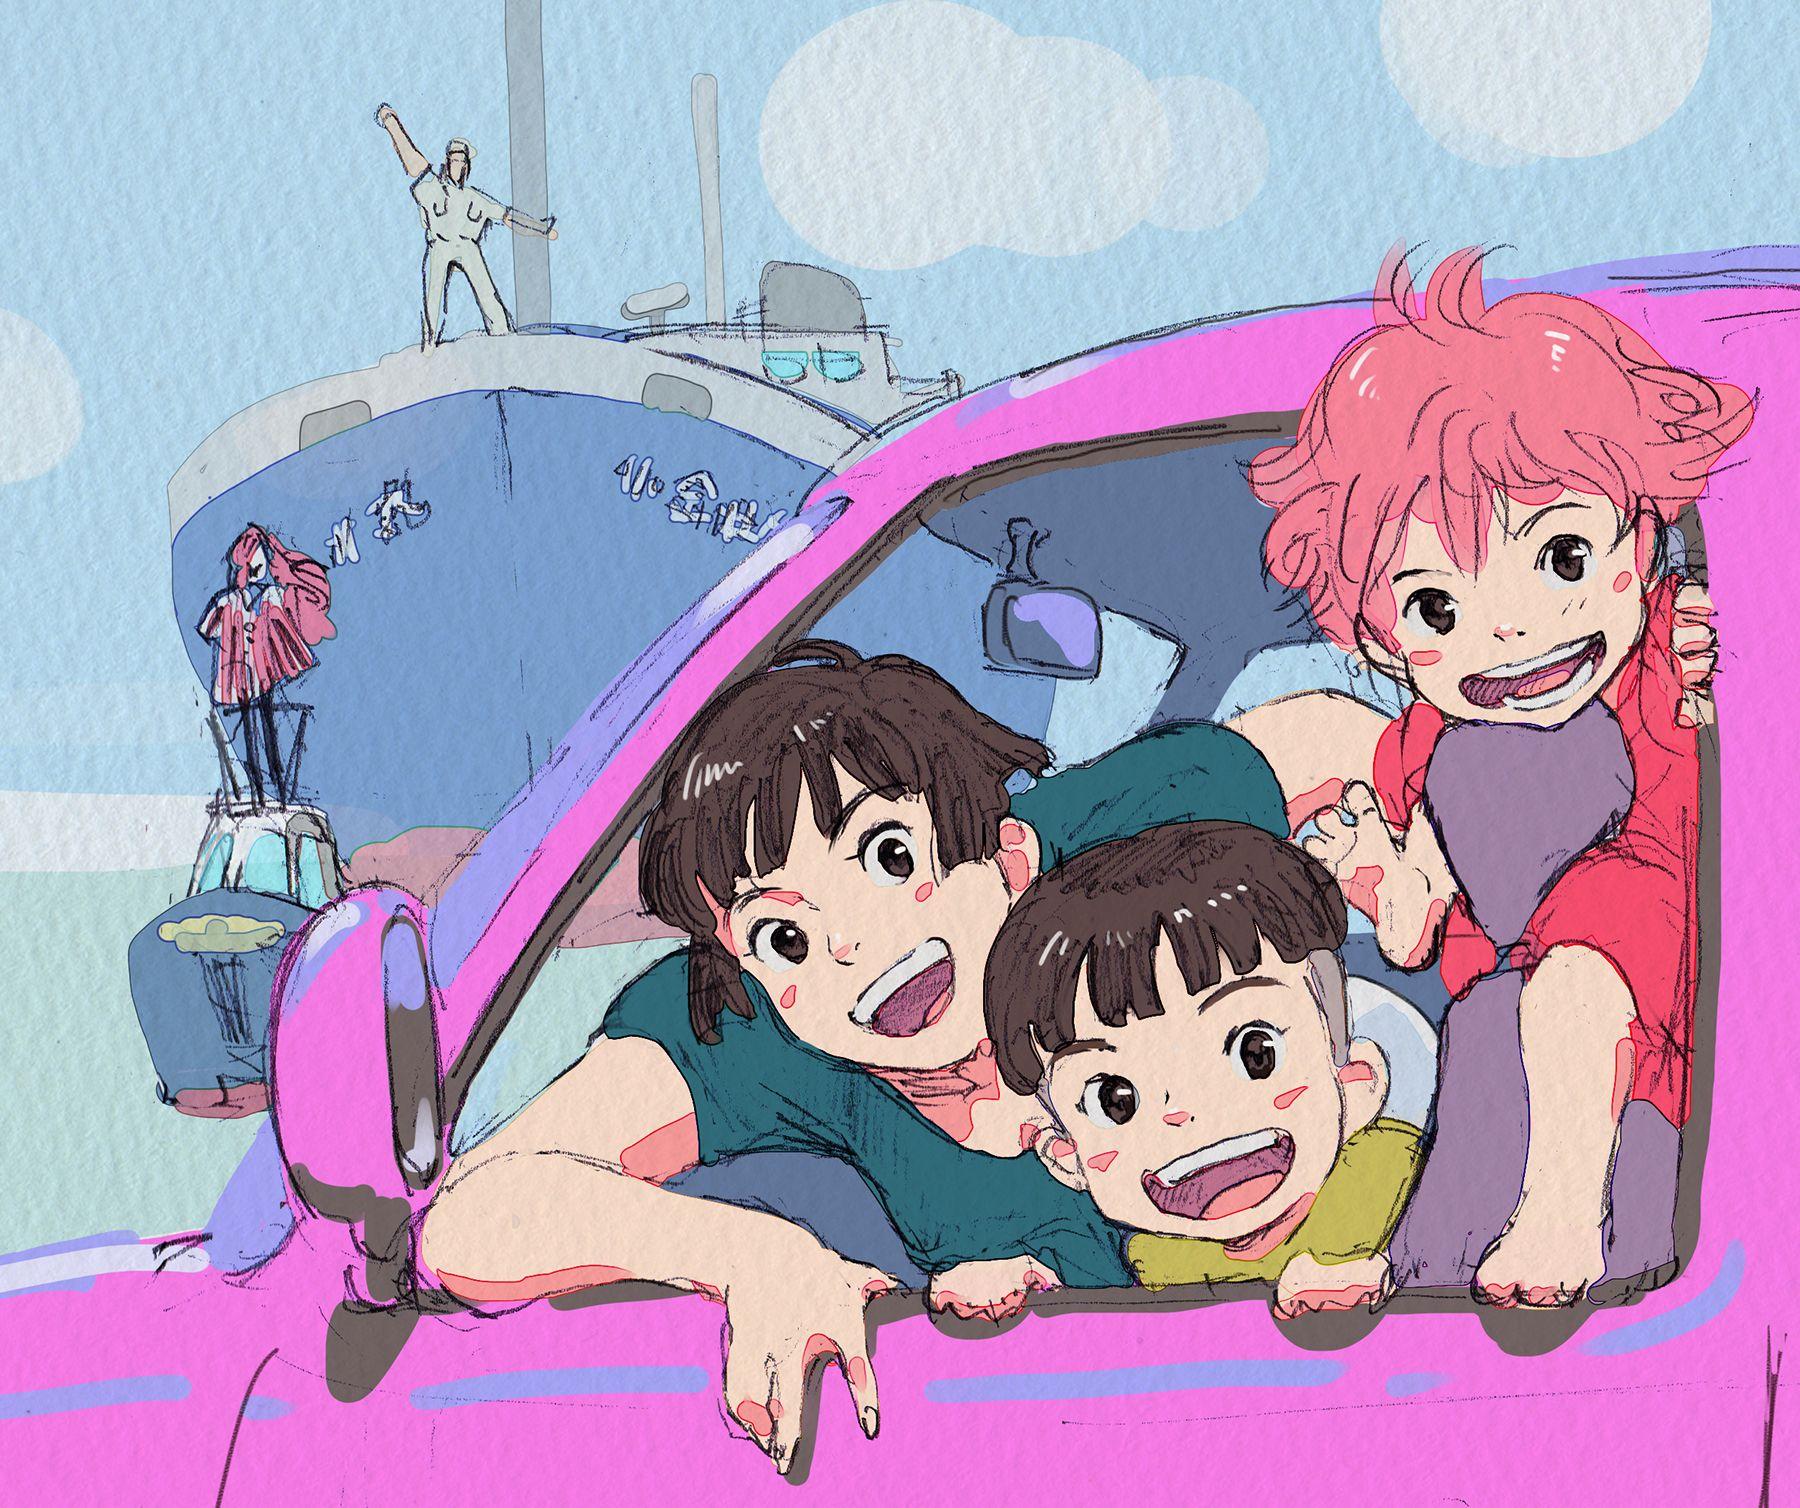 リサああ Tombiiwa Pixiv アニメ映画 イラスト ポニョ